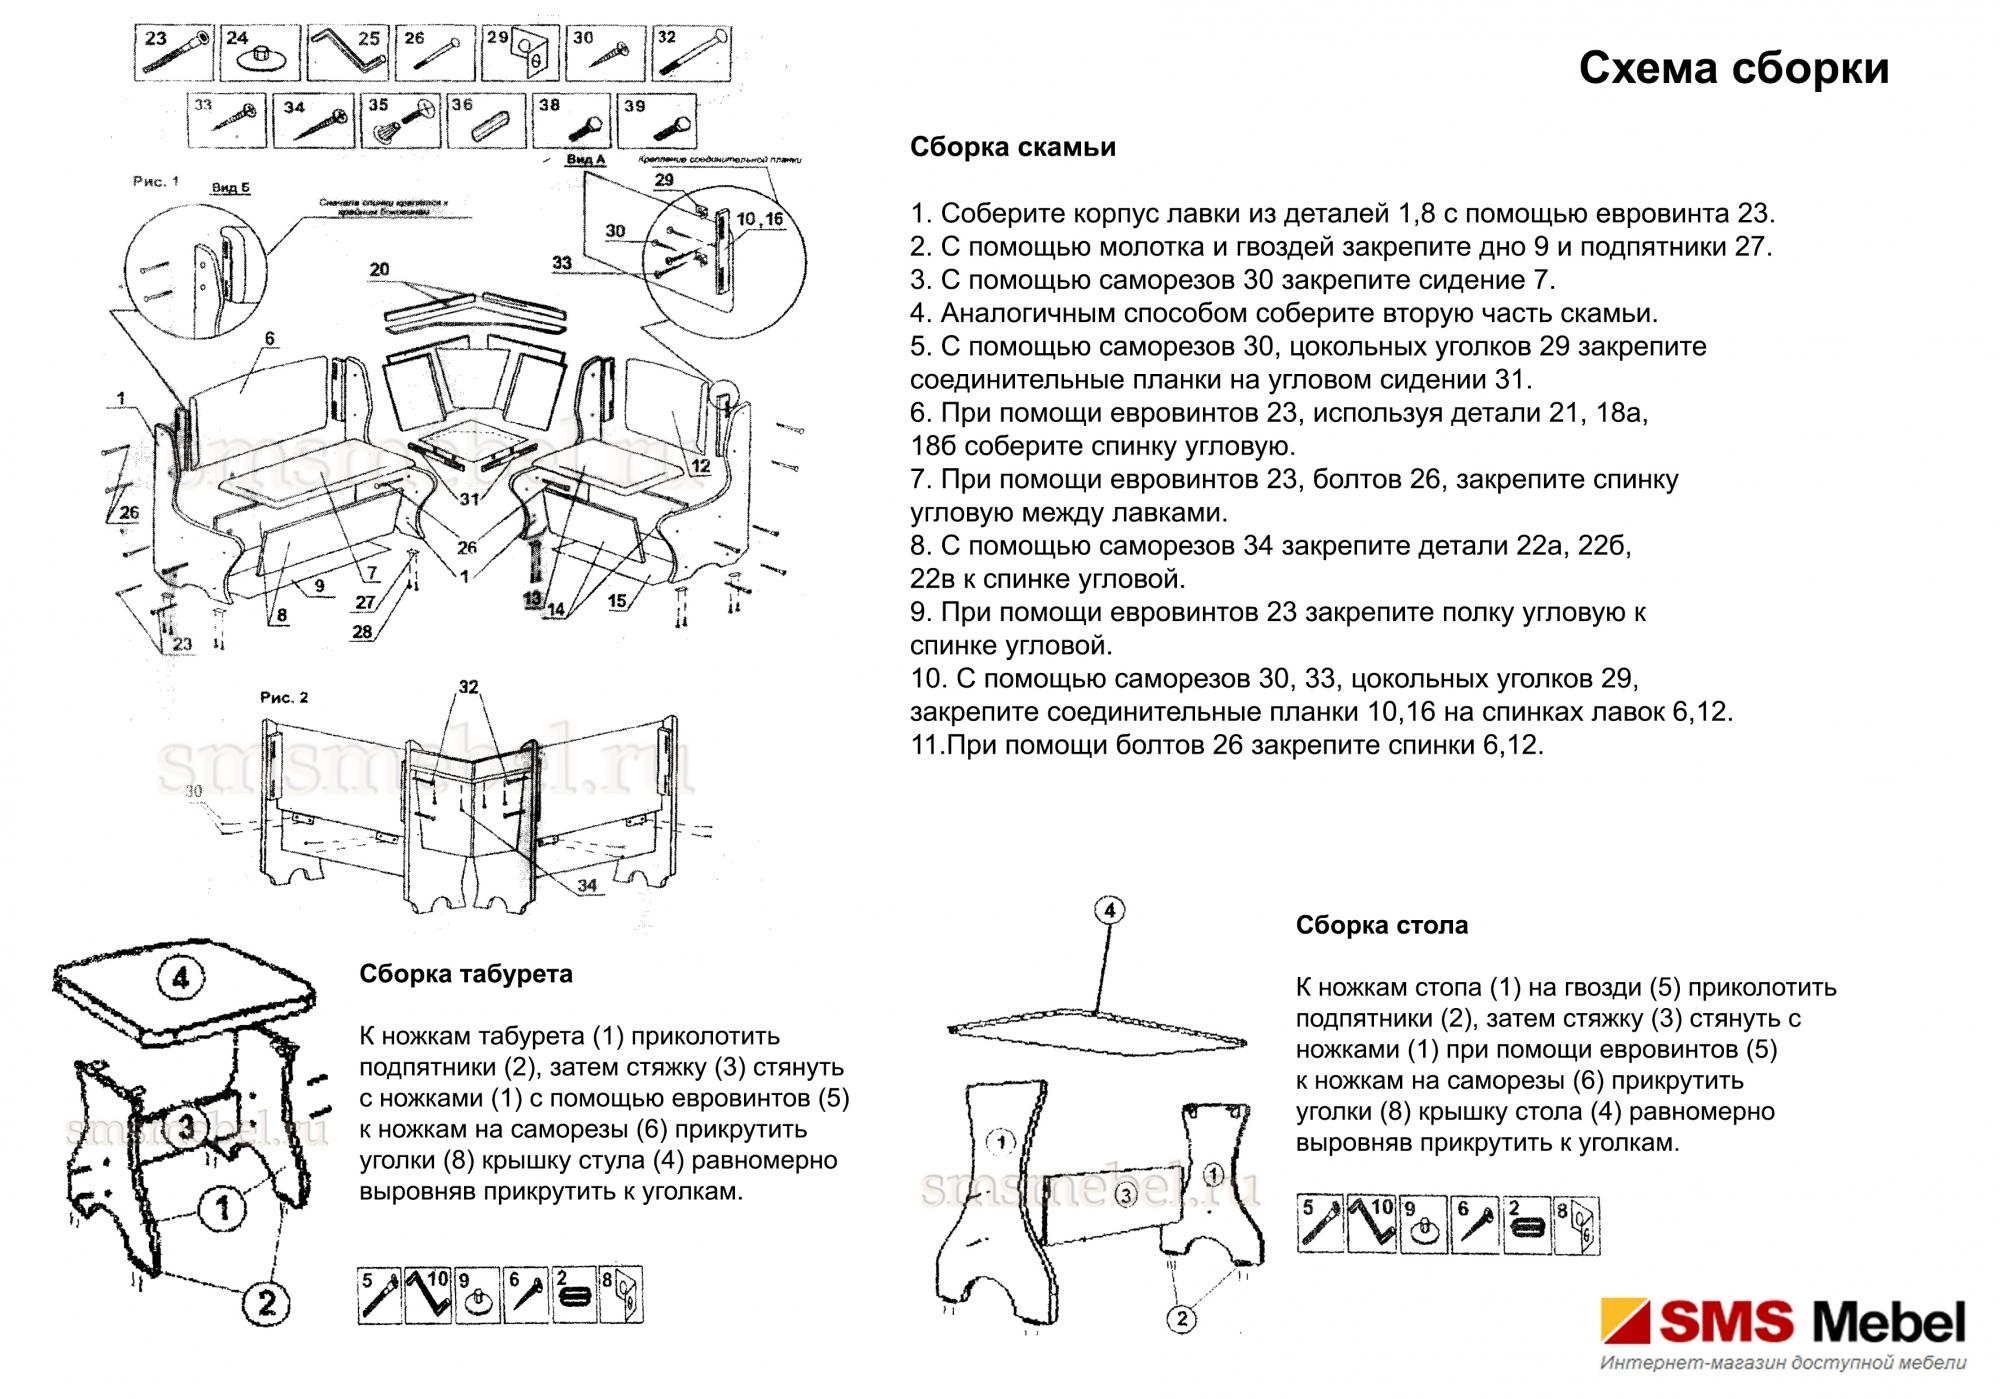 Кухонный уголок схема сборки